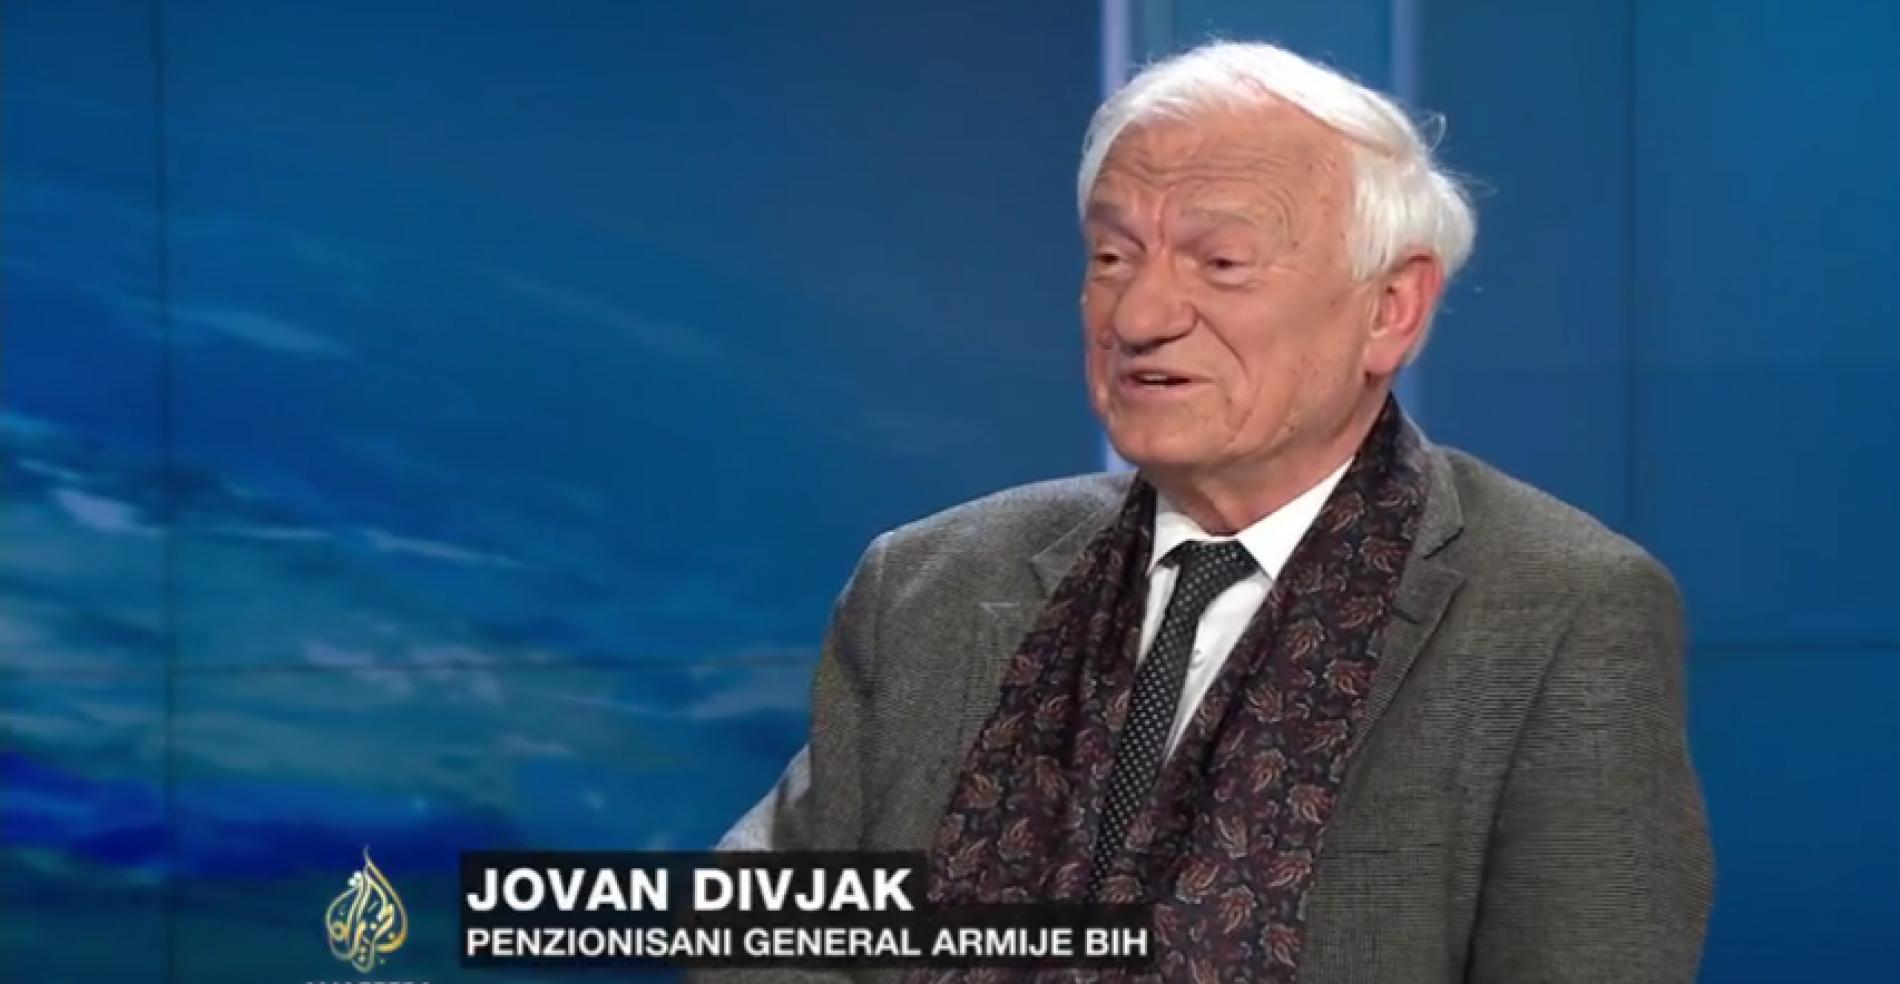 Divjak: Branili smo Bosnu i Hercegovinu od agresije, u njenim historijskim granicama (Video)